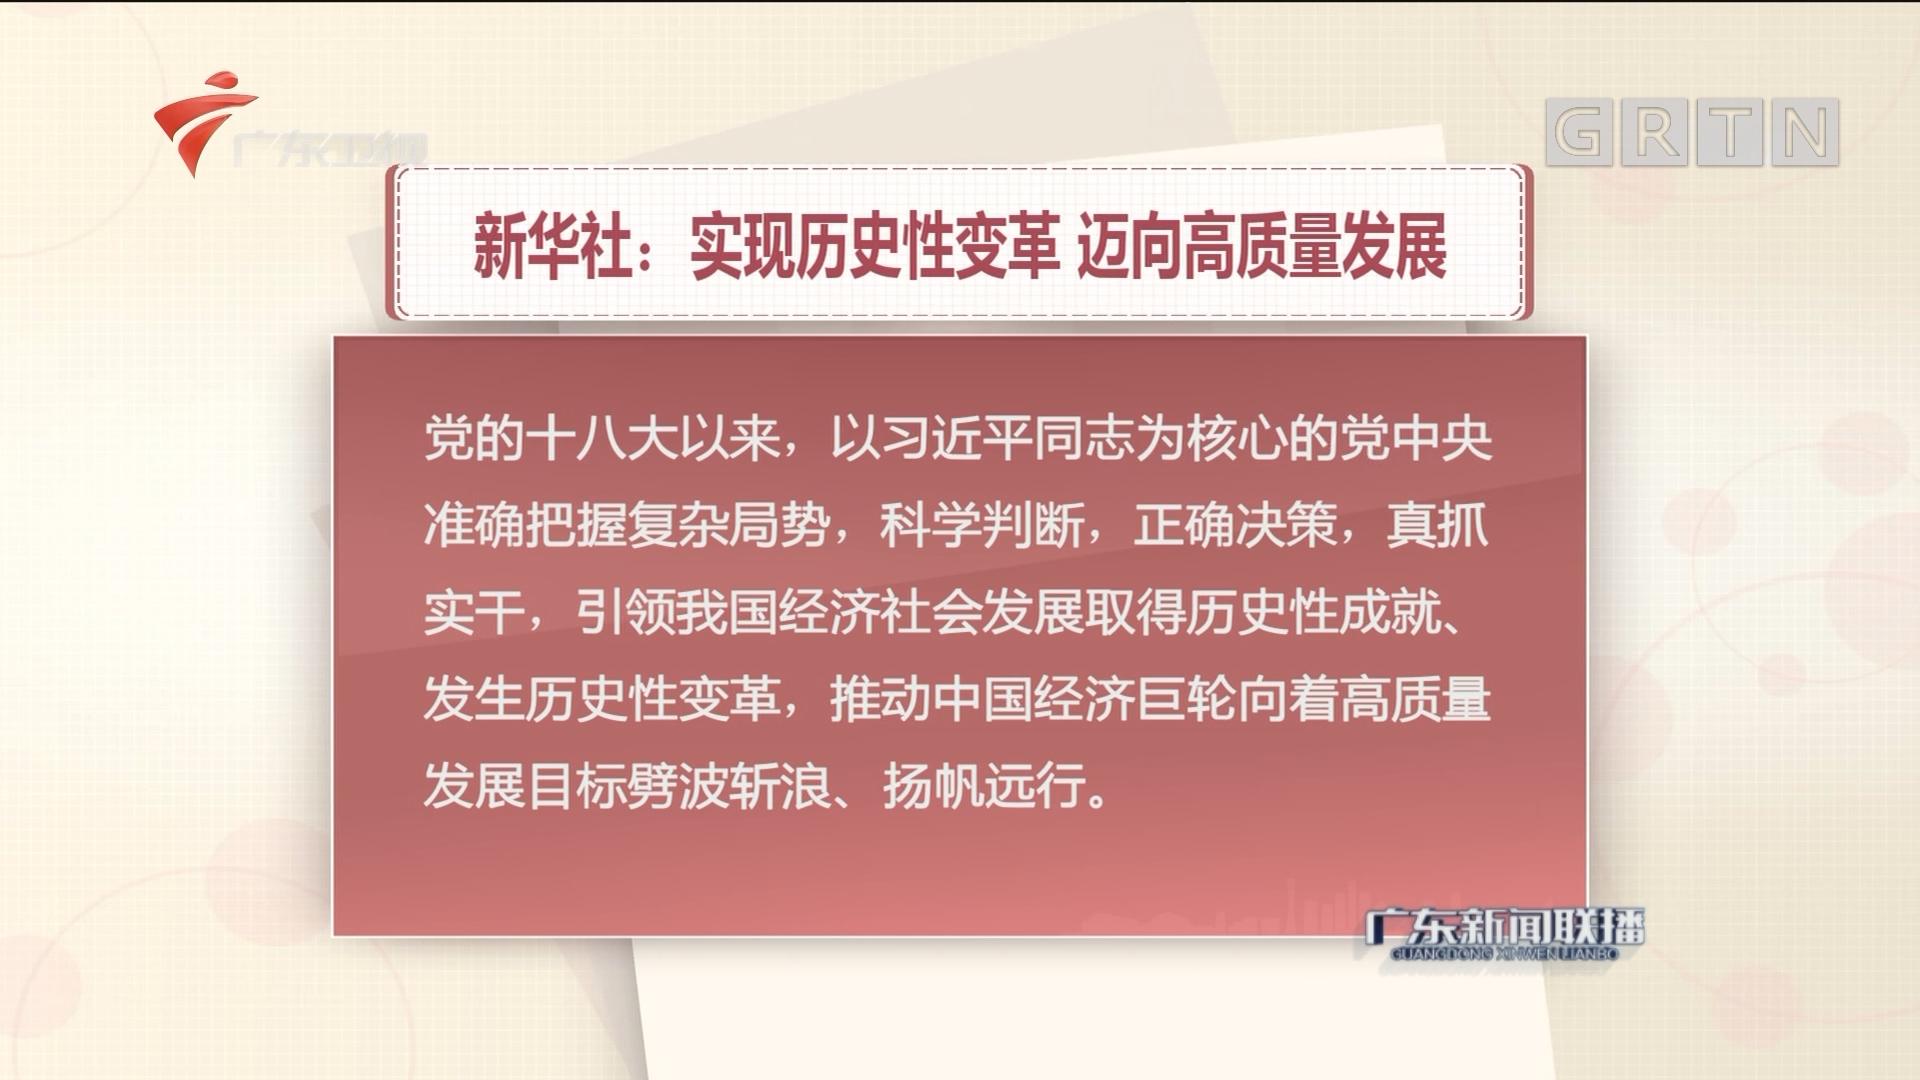 新华社:实现历史性变革 迈向高质量发展